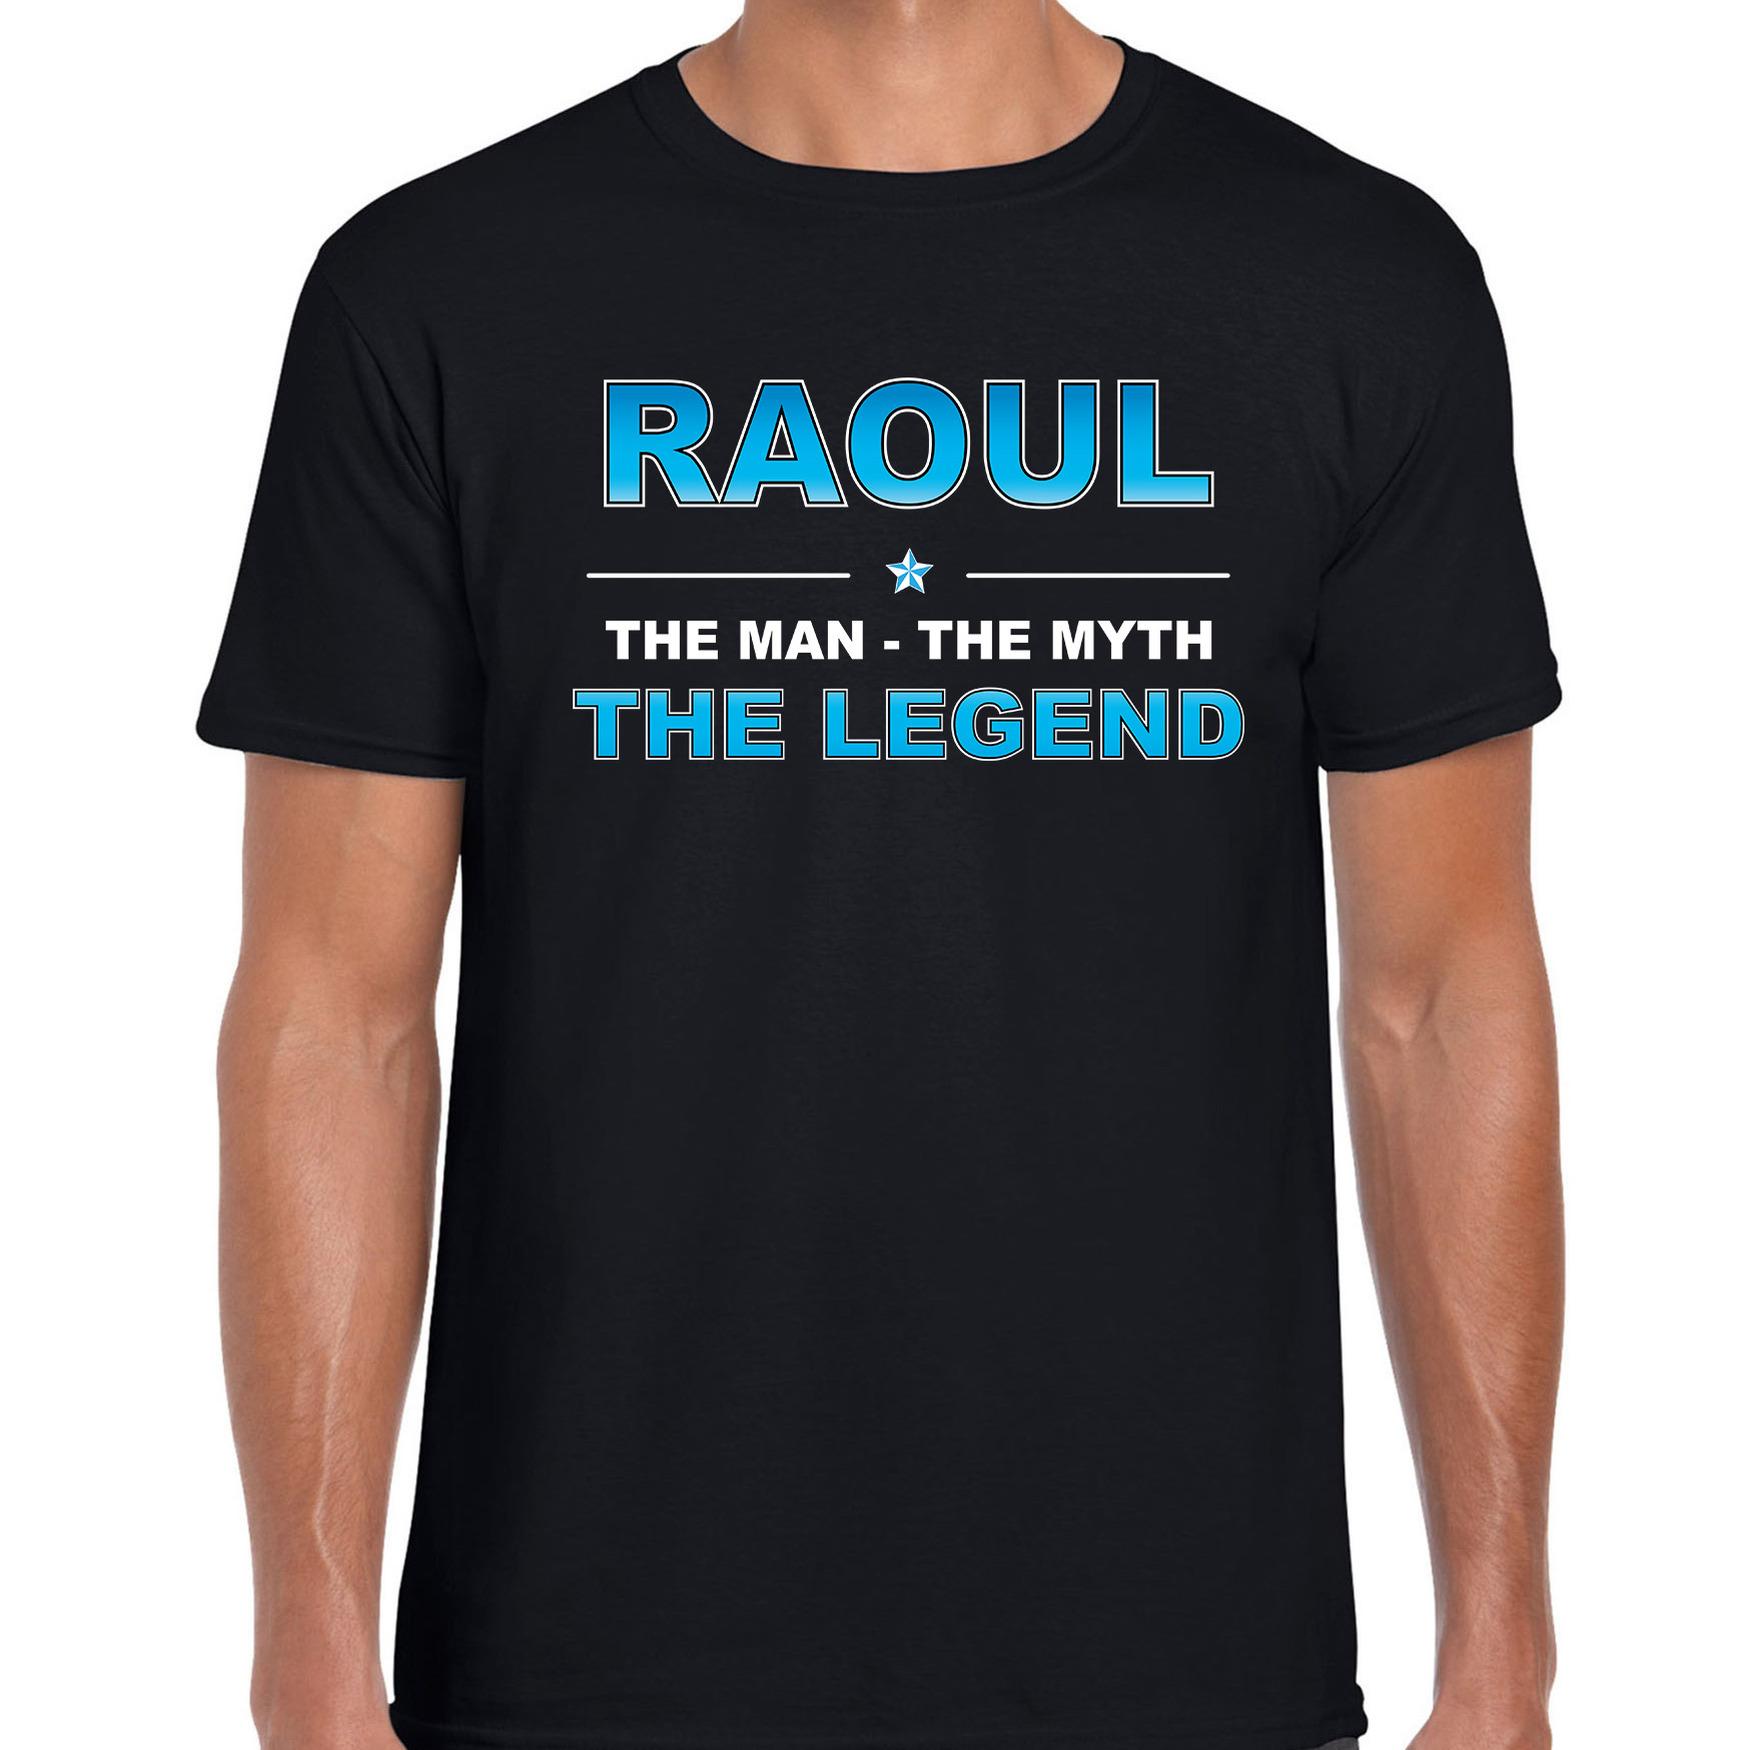 Naam cadeau t-shirt Raoul - the legend zwart voor heren